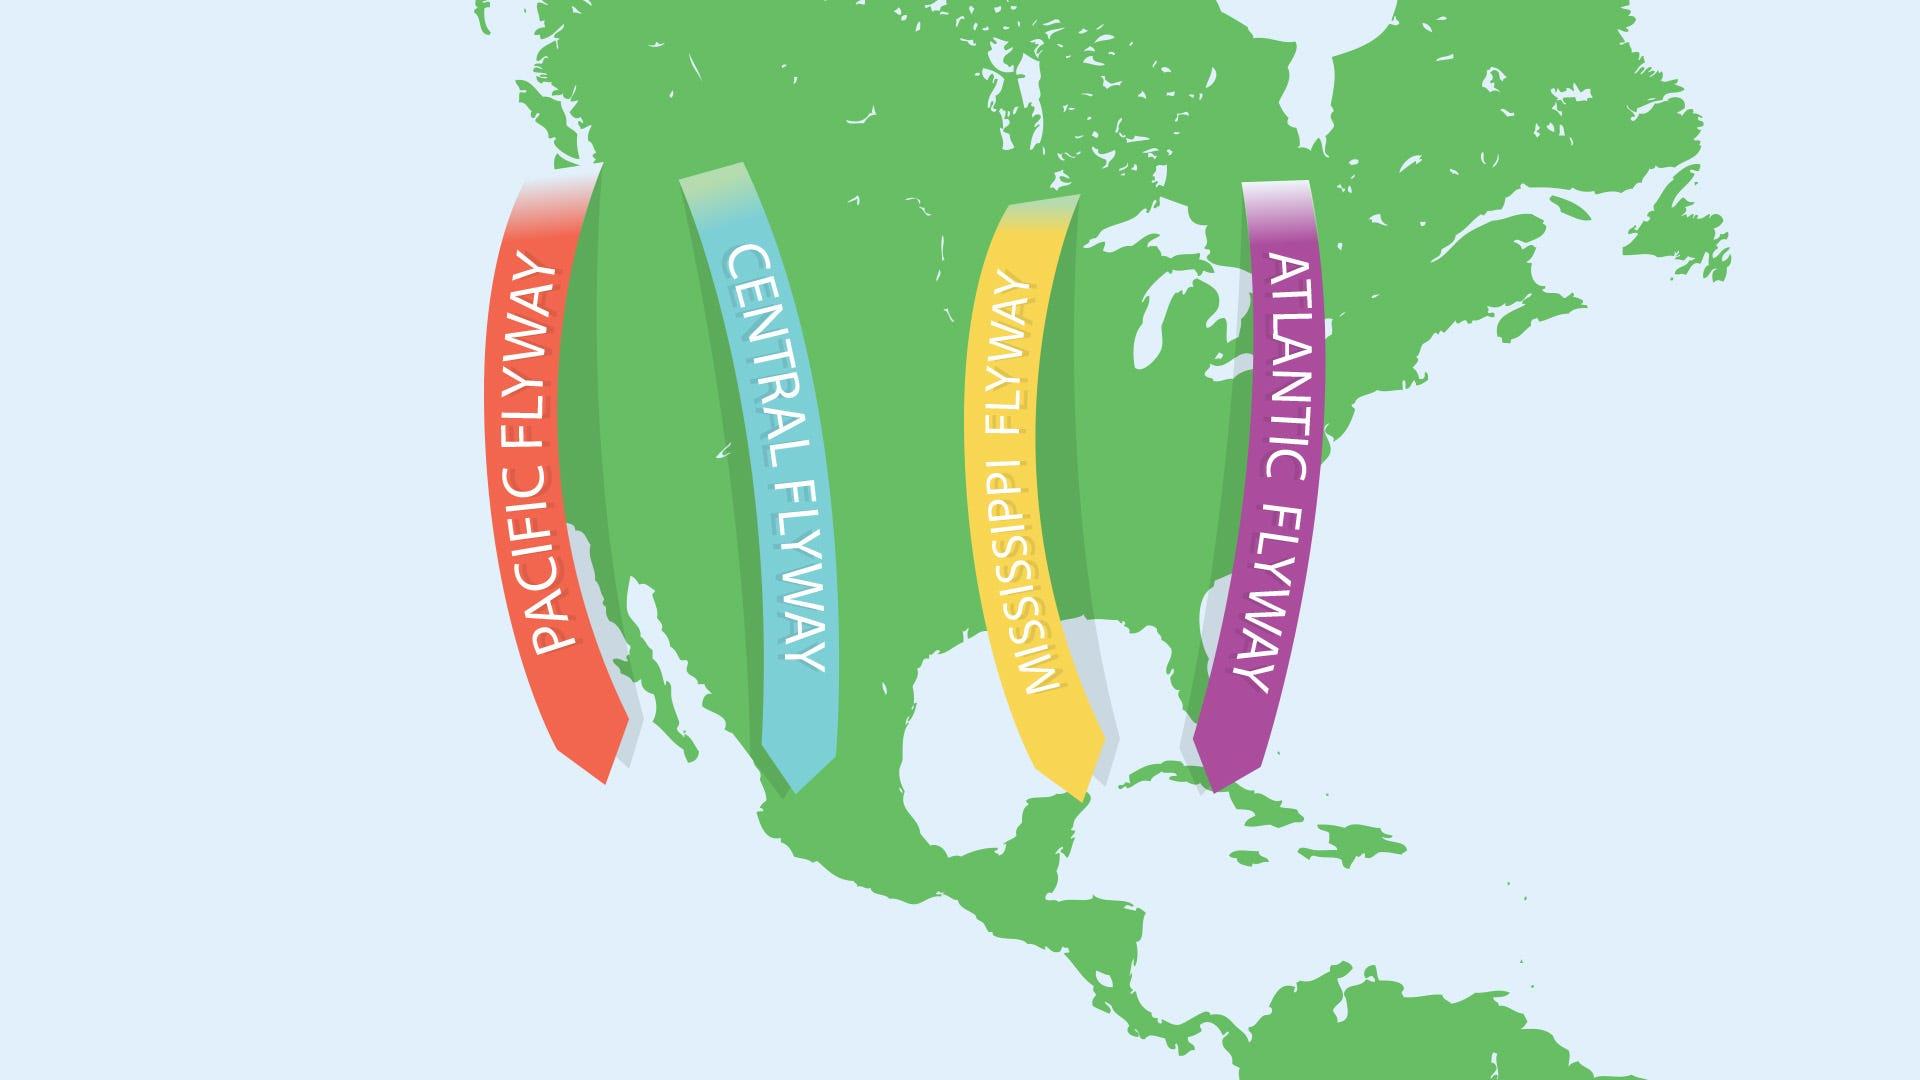 North American Bird Migration: The 4 Flyways